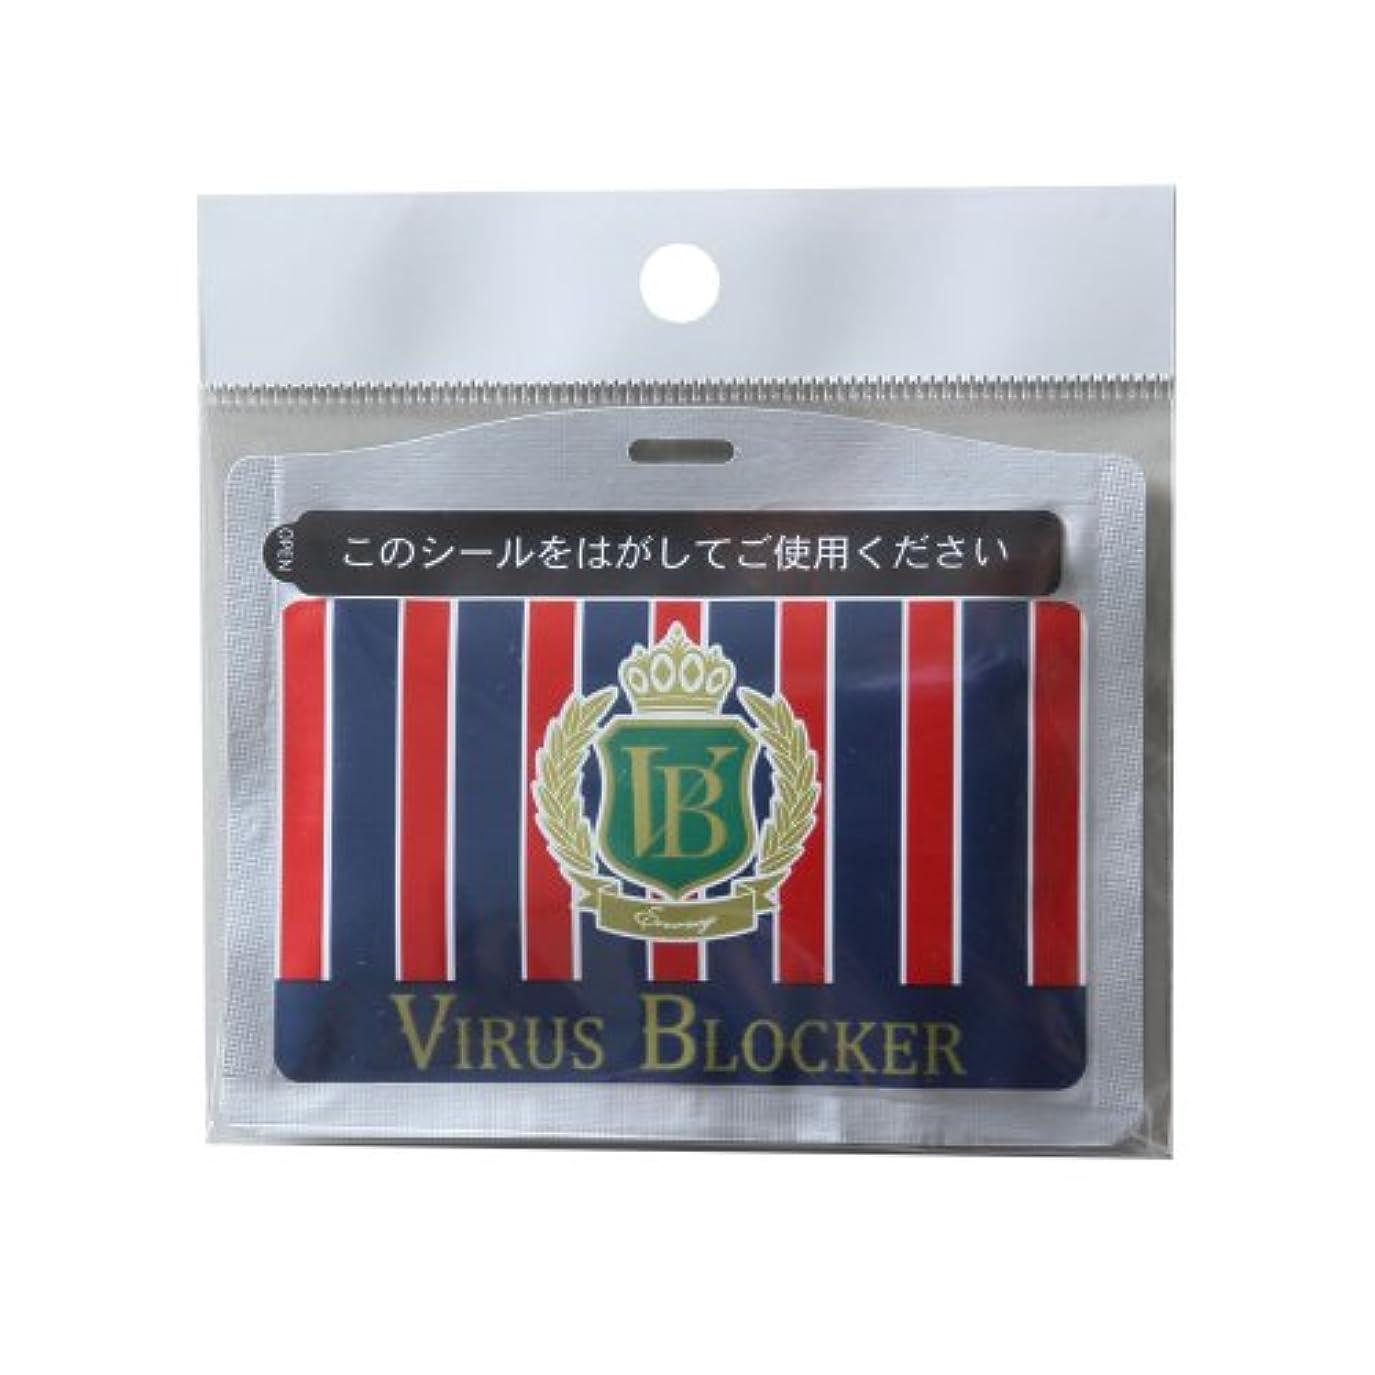 ウイルスブロッカーVB トラッド レフィル (CLA48)